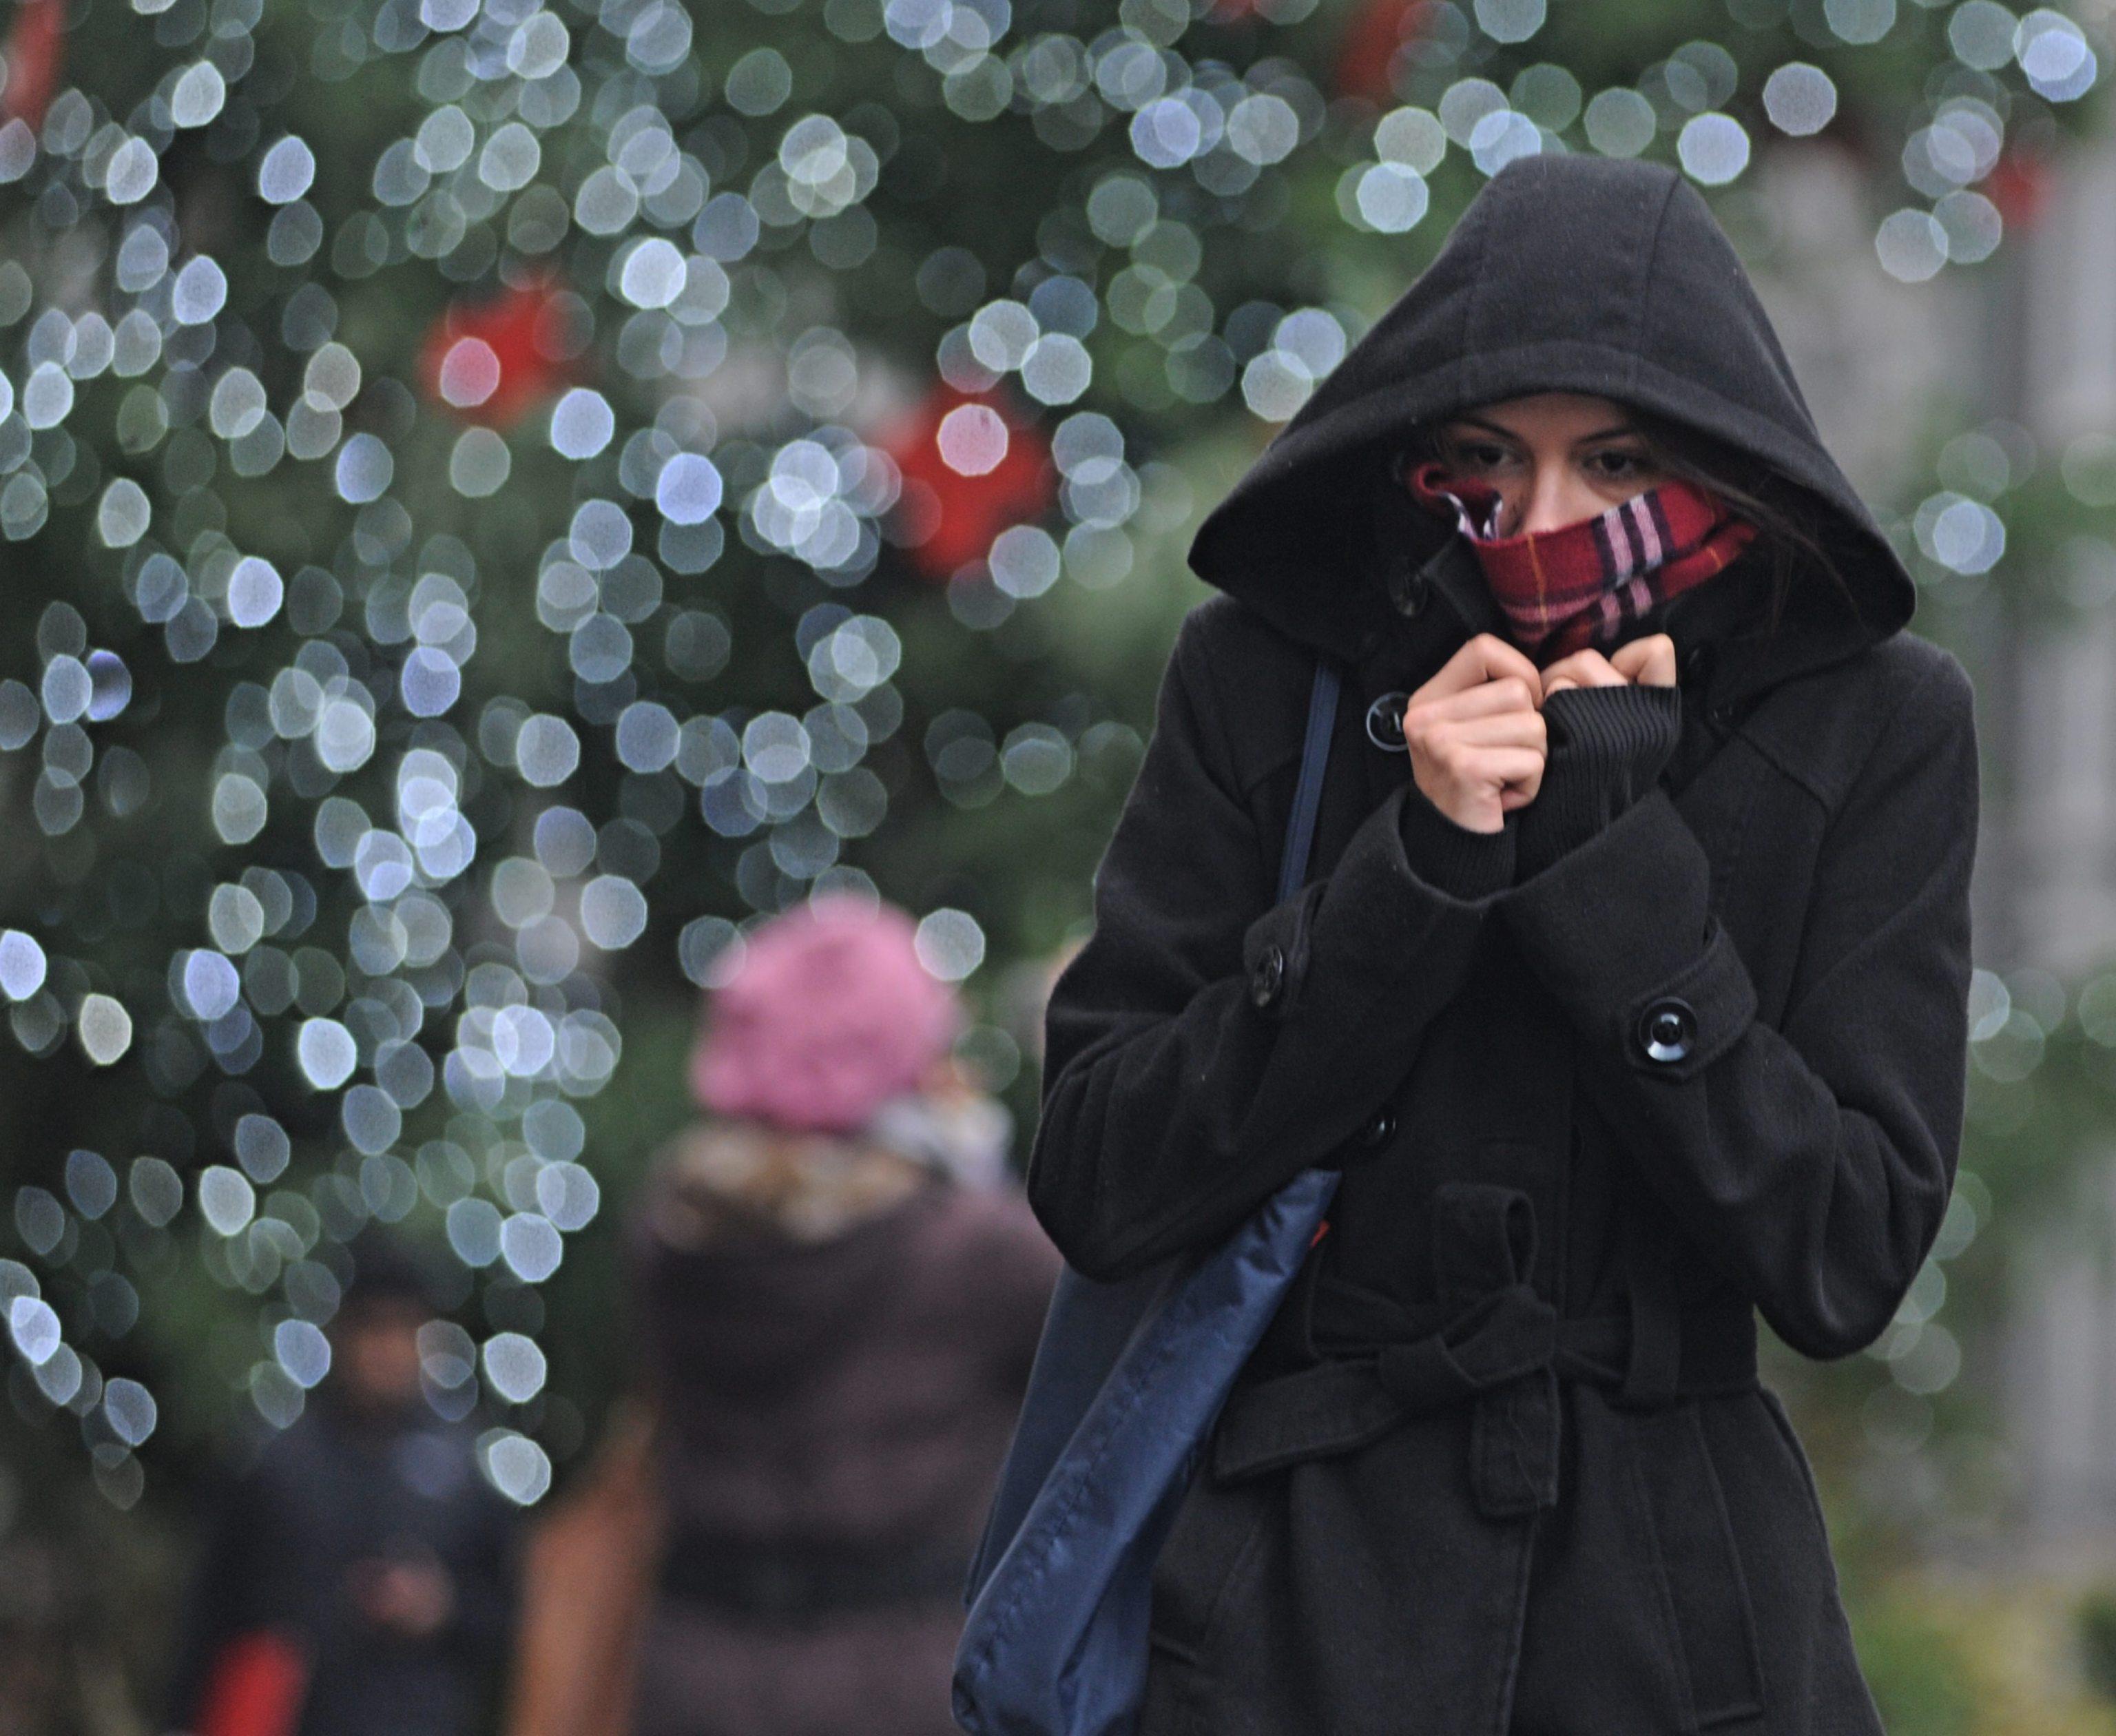 Previsioni meteo oggi: freddo e gelate al Nord, instabile al Sud